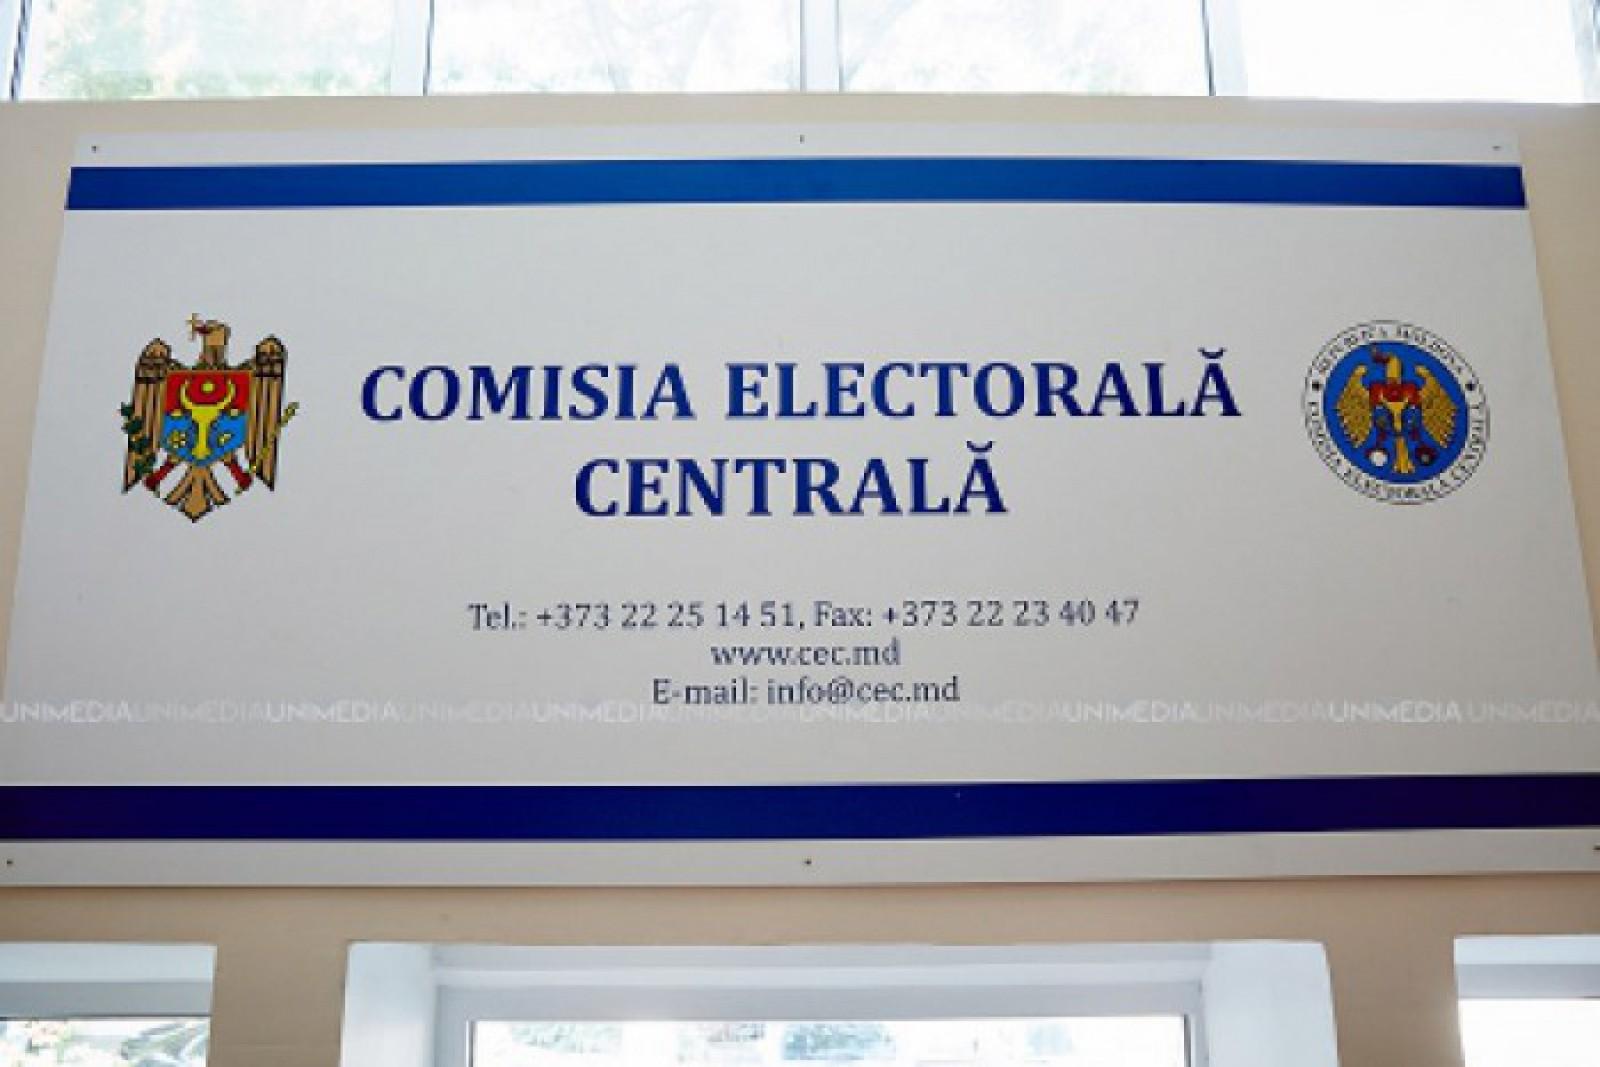 (video/update) Ultima oră: CEC a respins cererea de înregistrare a grupului de inițiativă privind referendumului anti-mixt